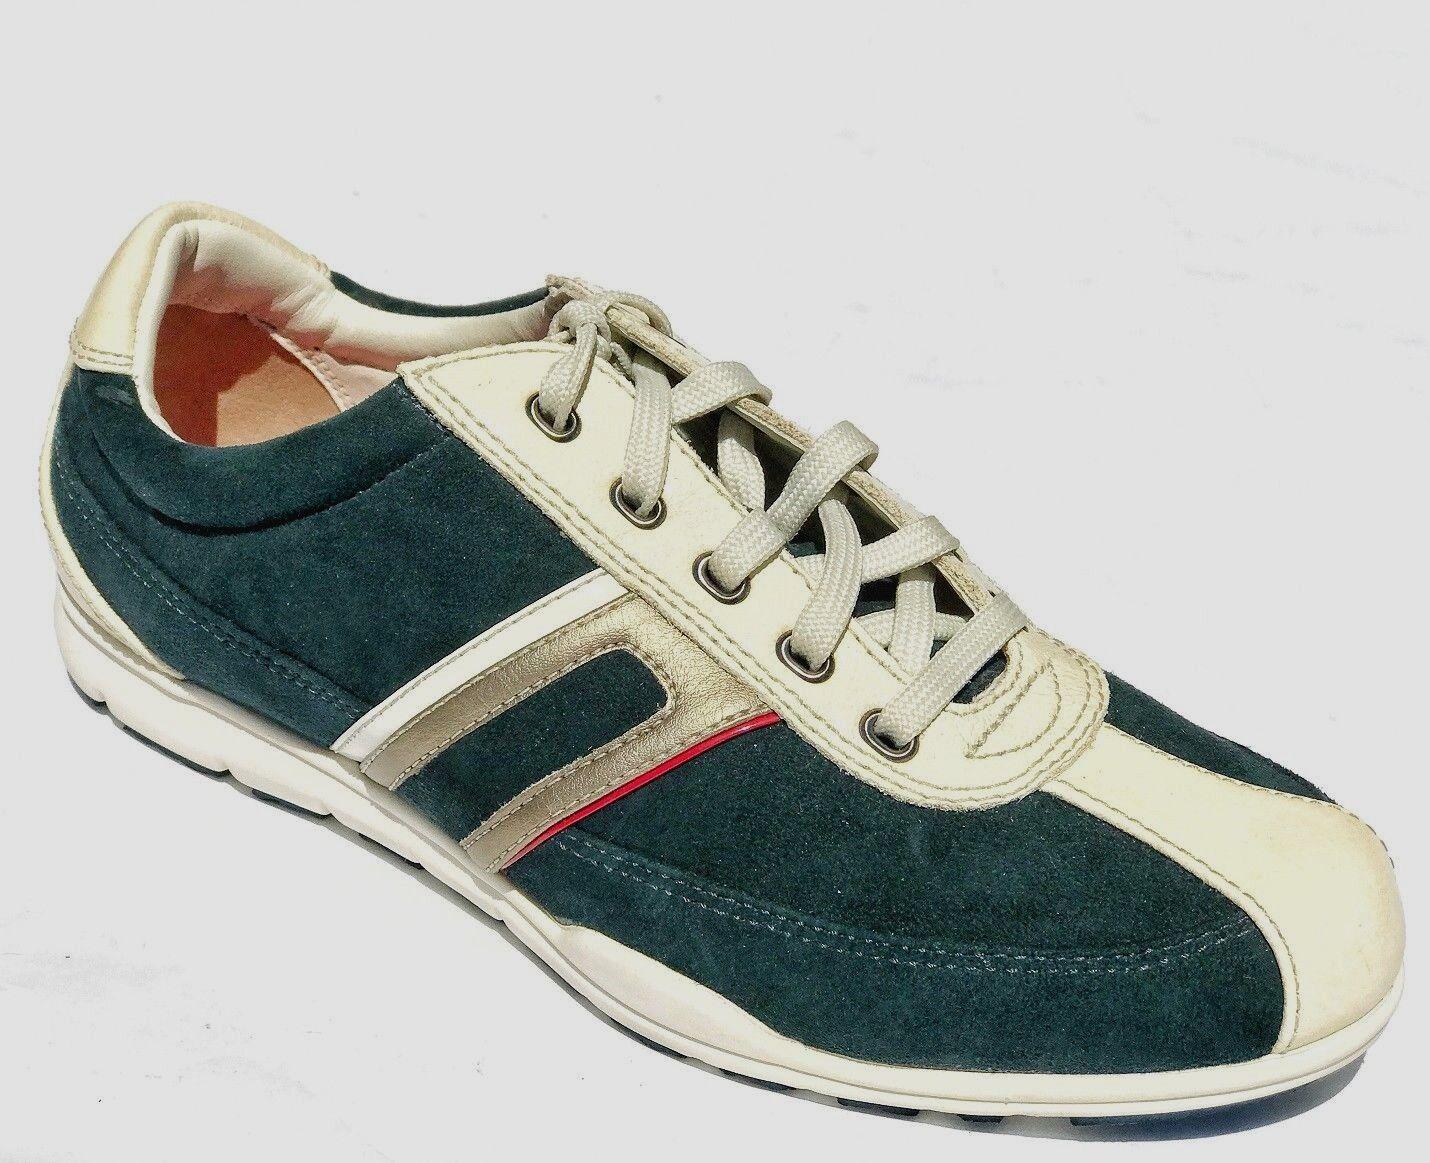 Cole Haan Para Para Para Mujeres Con Cordones Tenis Zapatos Nathalie Azul Marfil 10 Nuevo En Caja  ¡envío gratis!